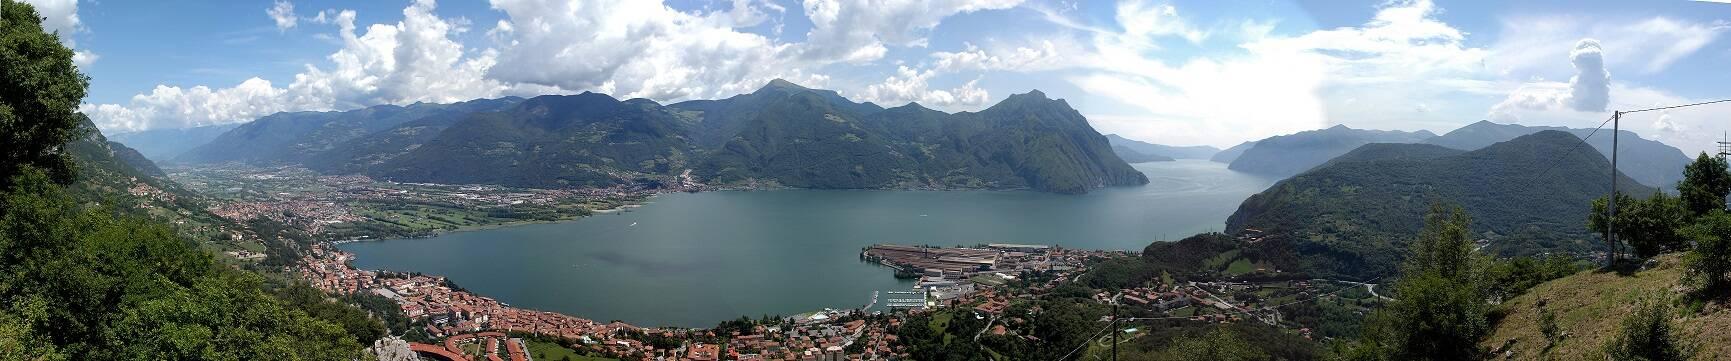 panoramica lovere lucchini lago